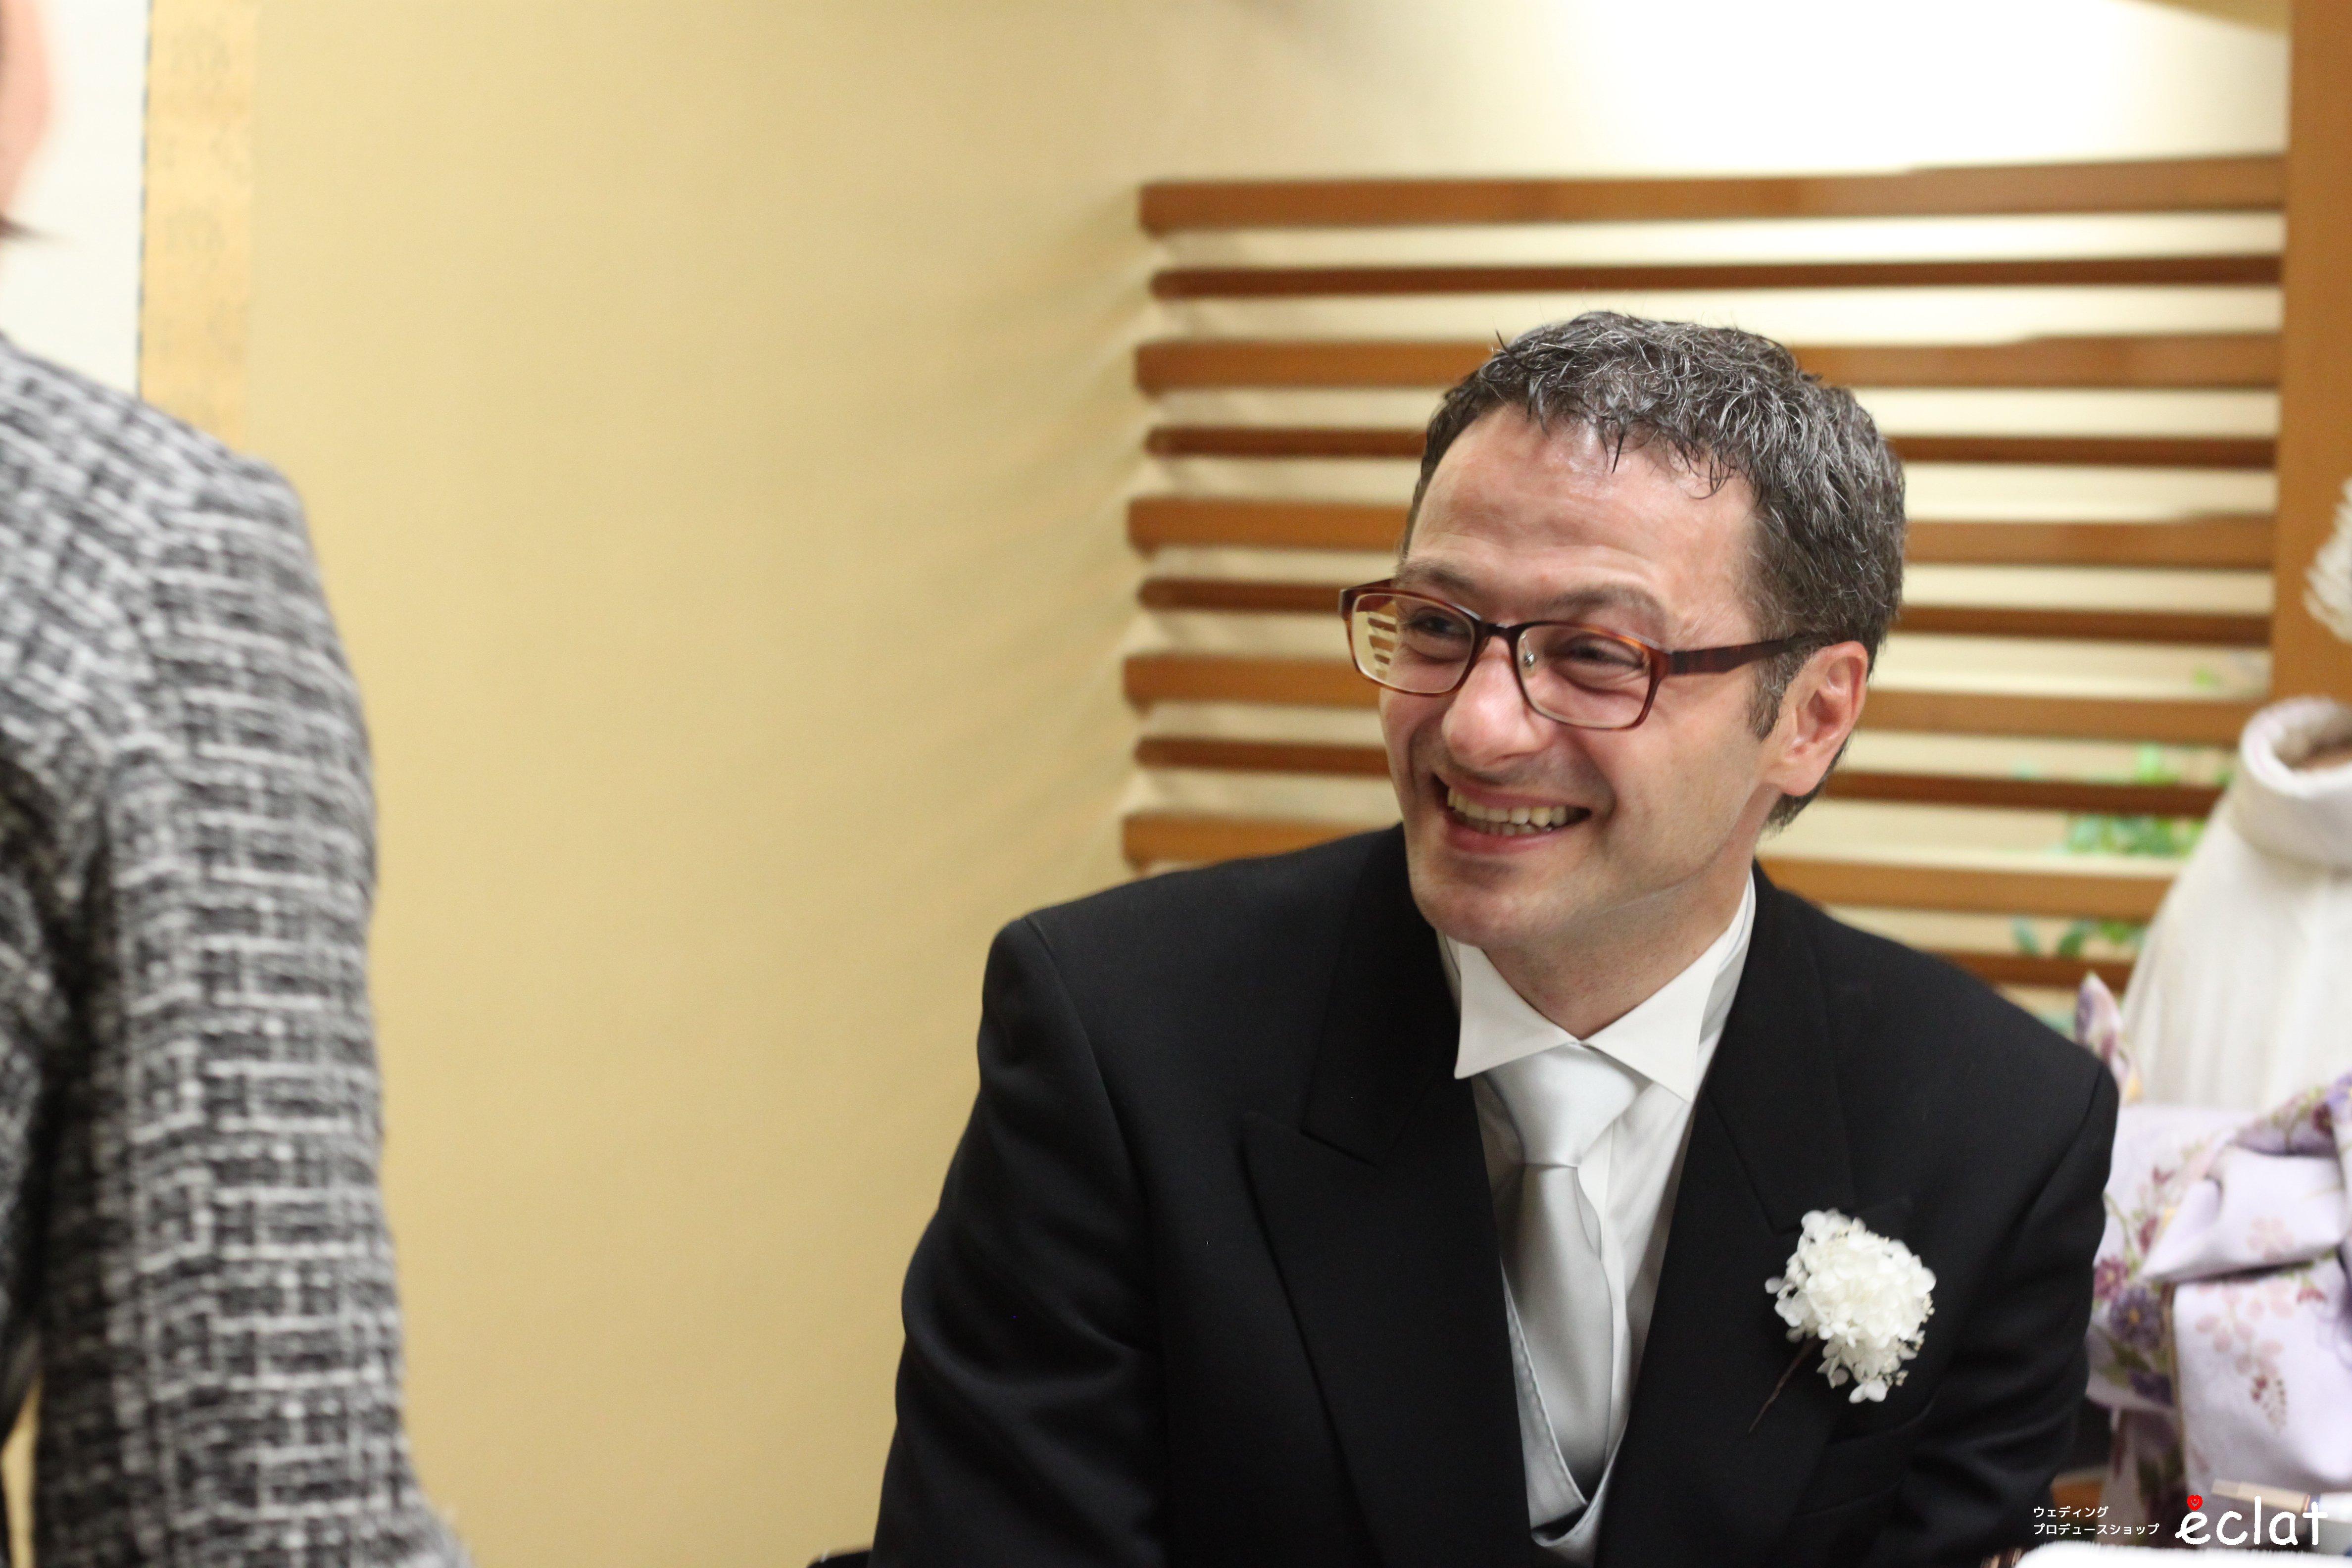 水戸 茨城 神社挙式 料亭 割烹 和 山口楼 会食 和婚 結婚式